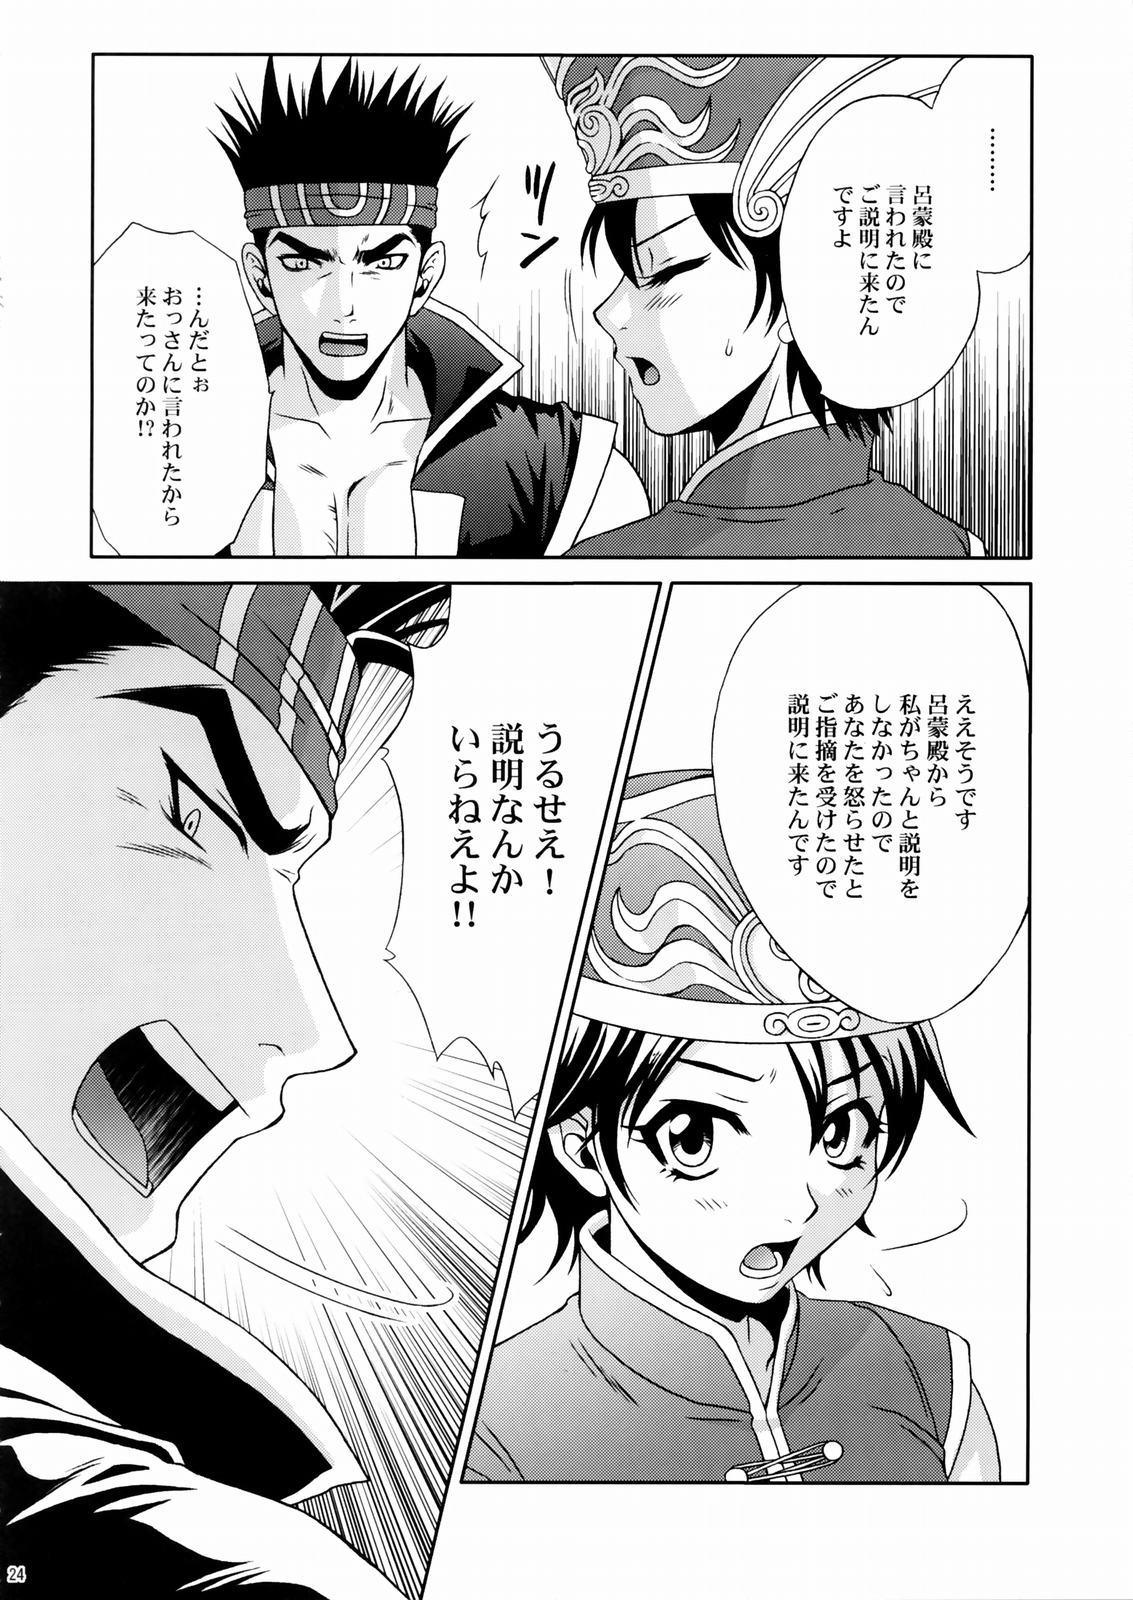 Rikuson-chan 22